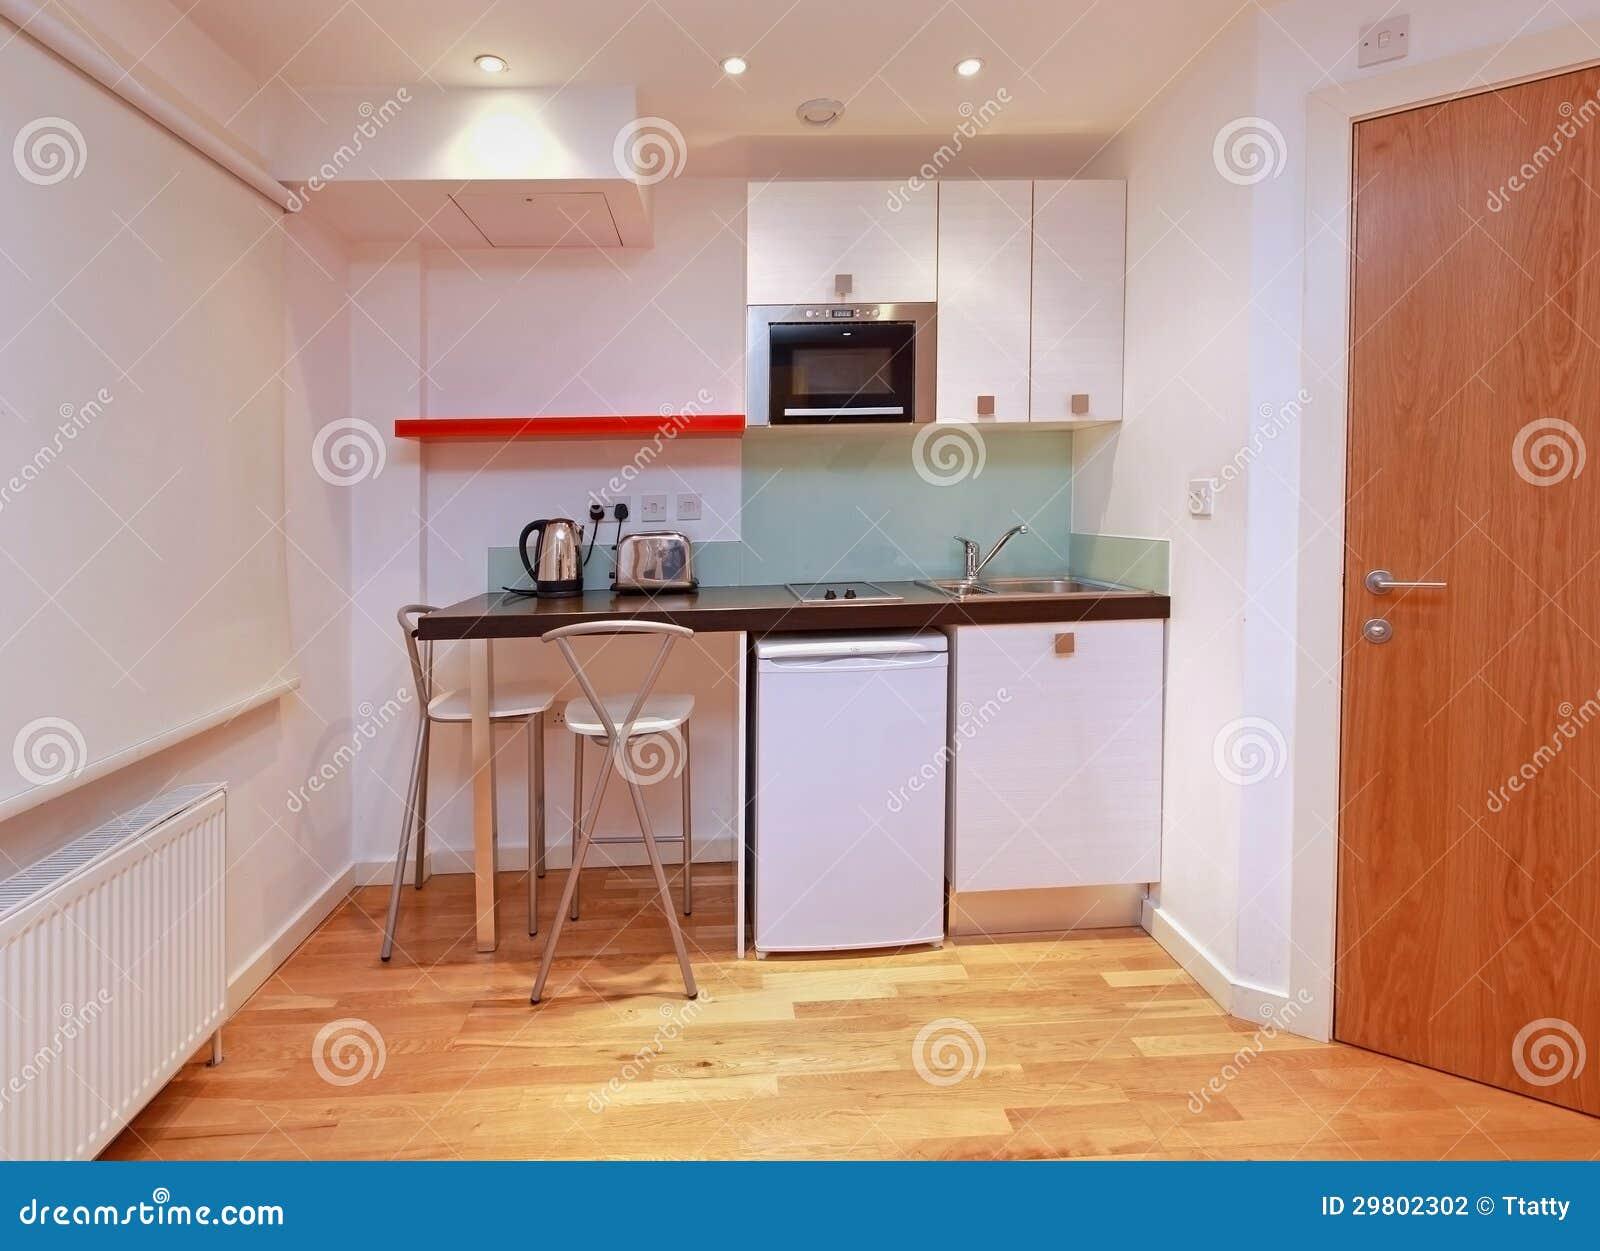 Wunderbar Kleine Moderne Küche Referenz Von Küche In Der Kleinen Studiowohnung